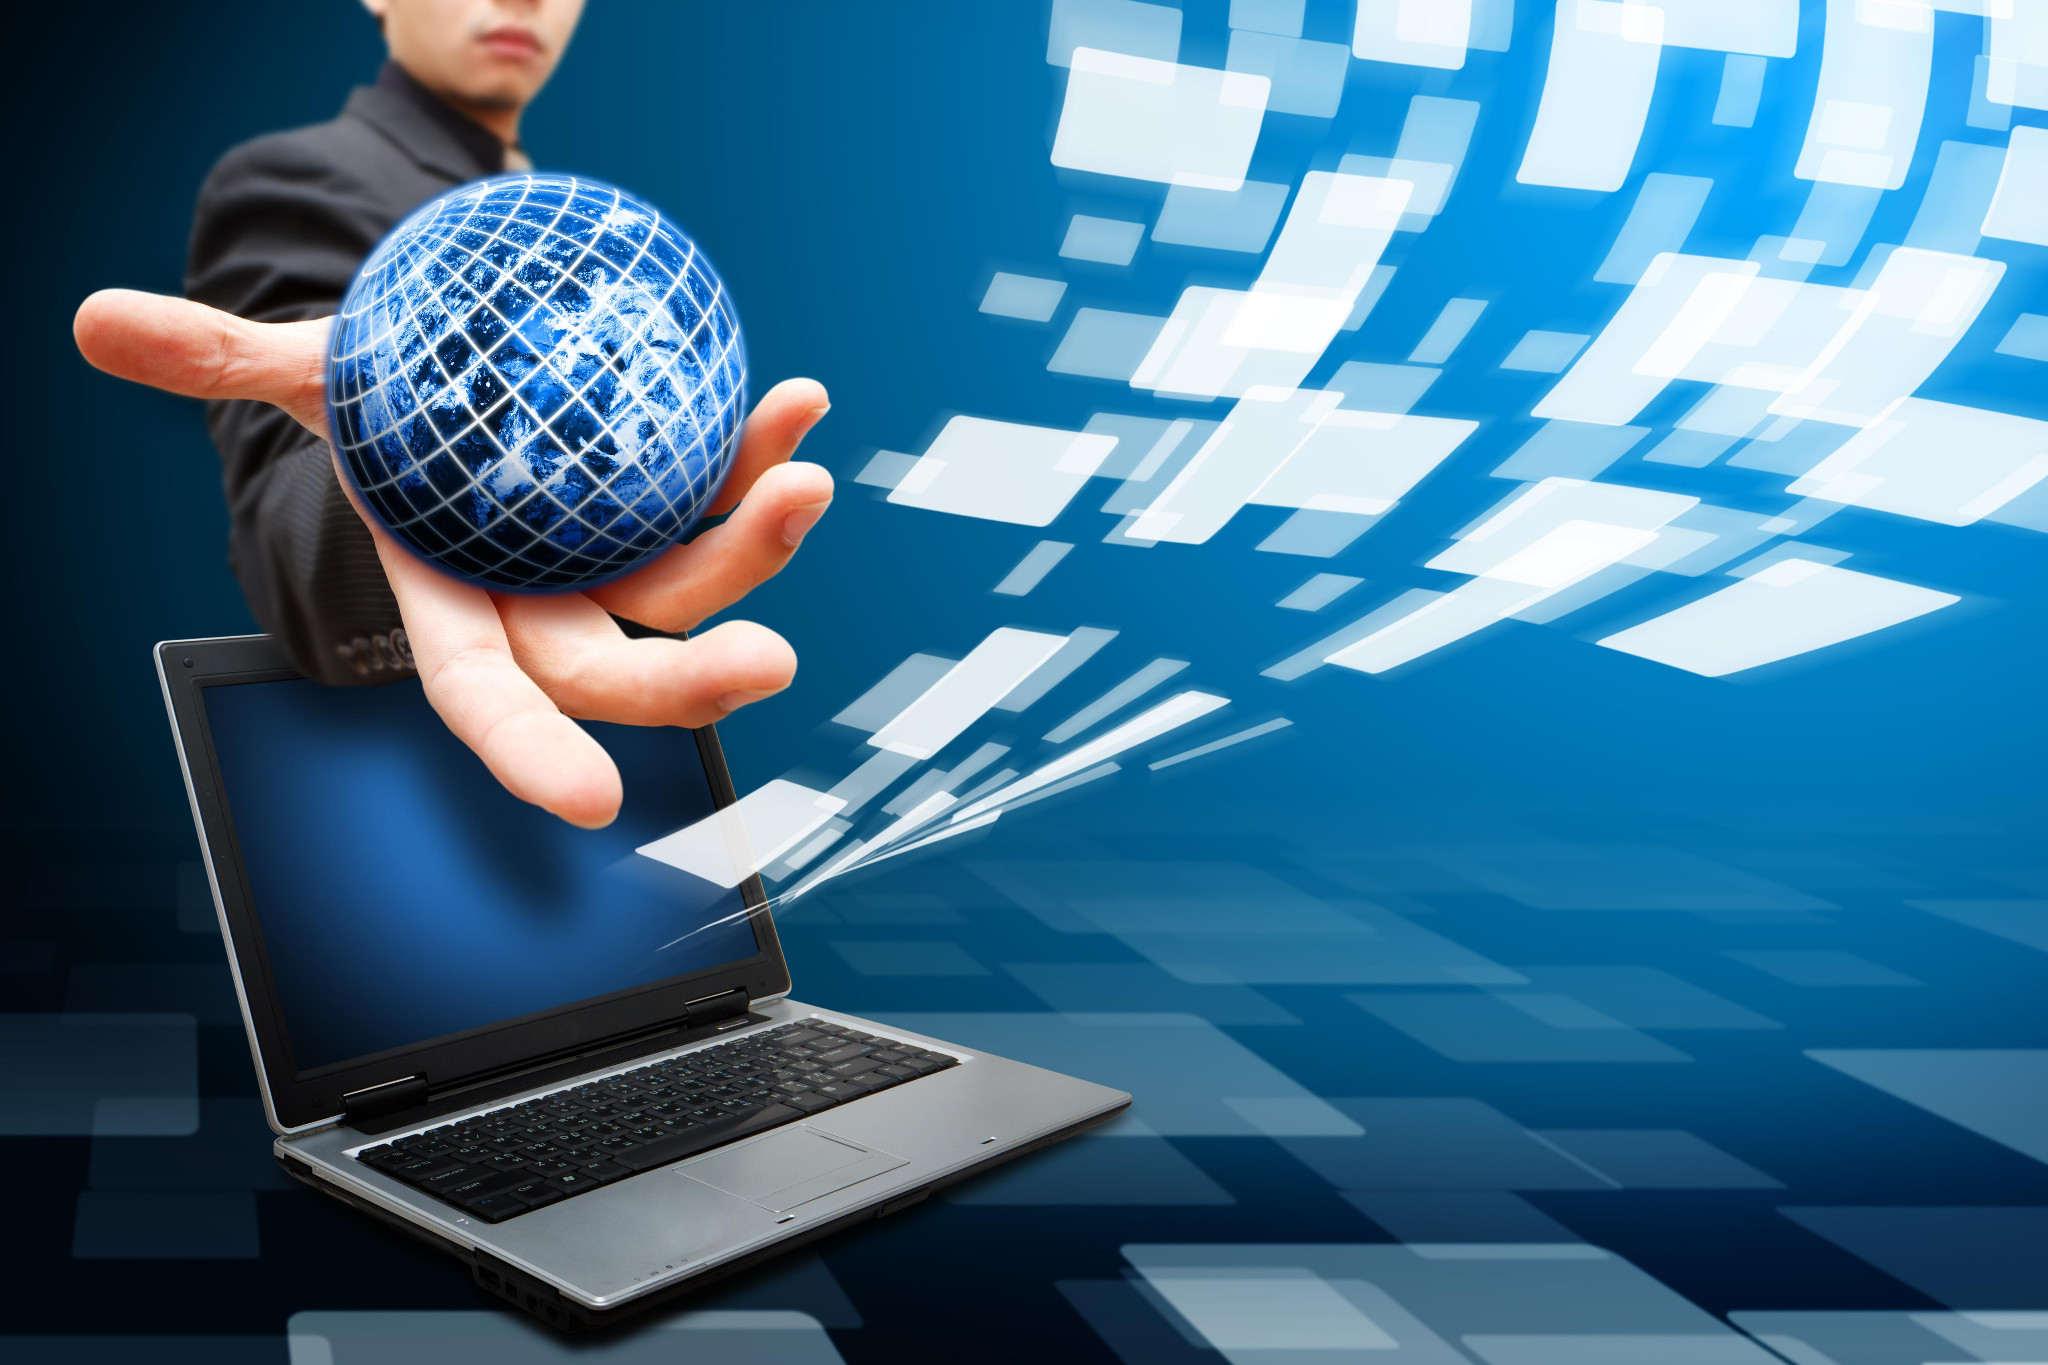 Reportaje sobre empresas y emprendimiento en Doble Llave